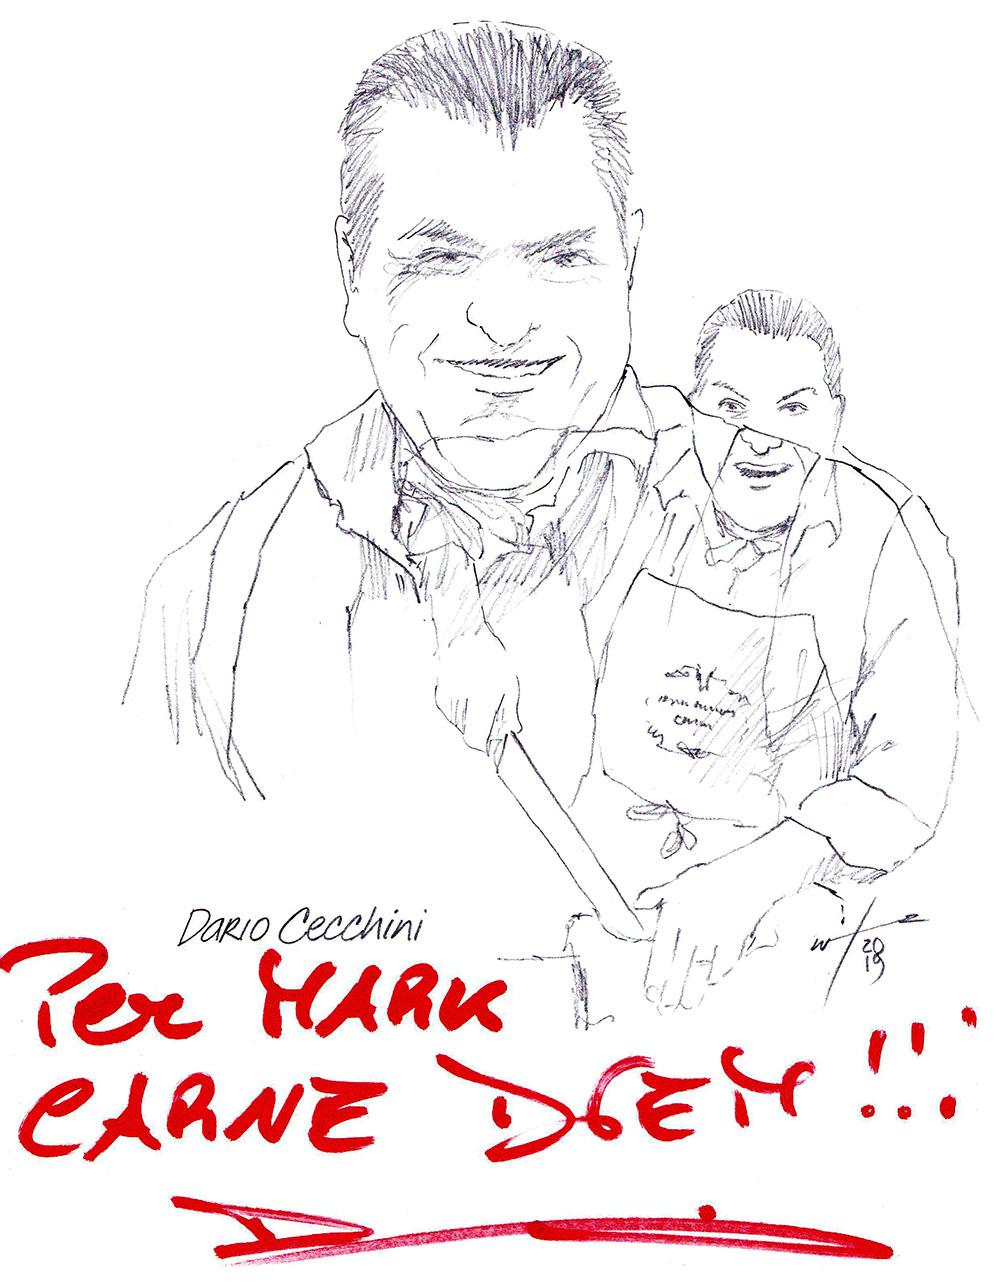 Autographed drawing of Chef Dario Cecchini